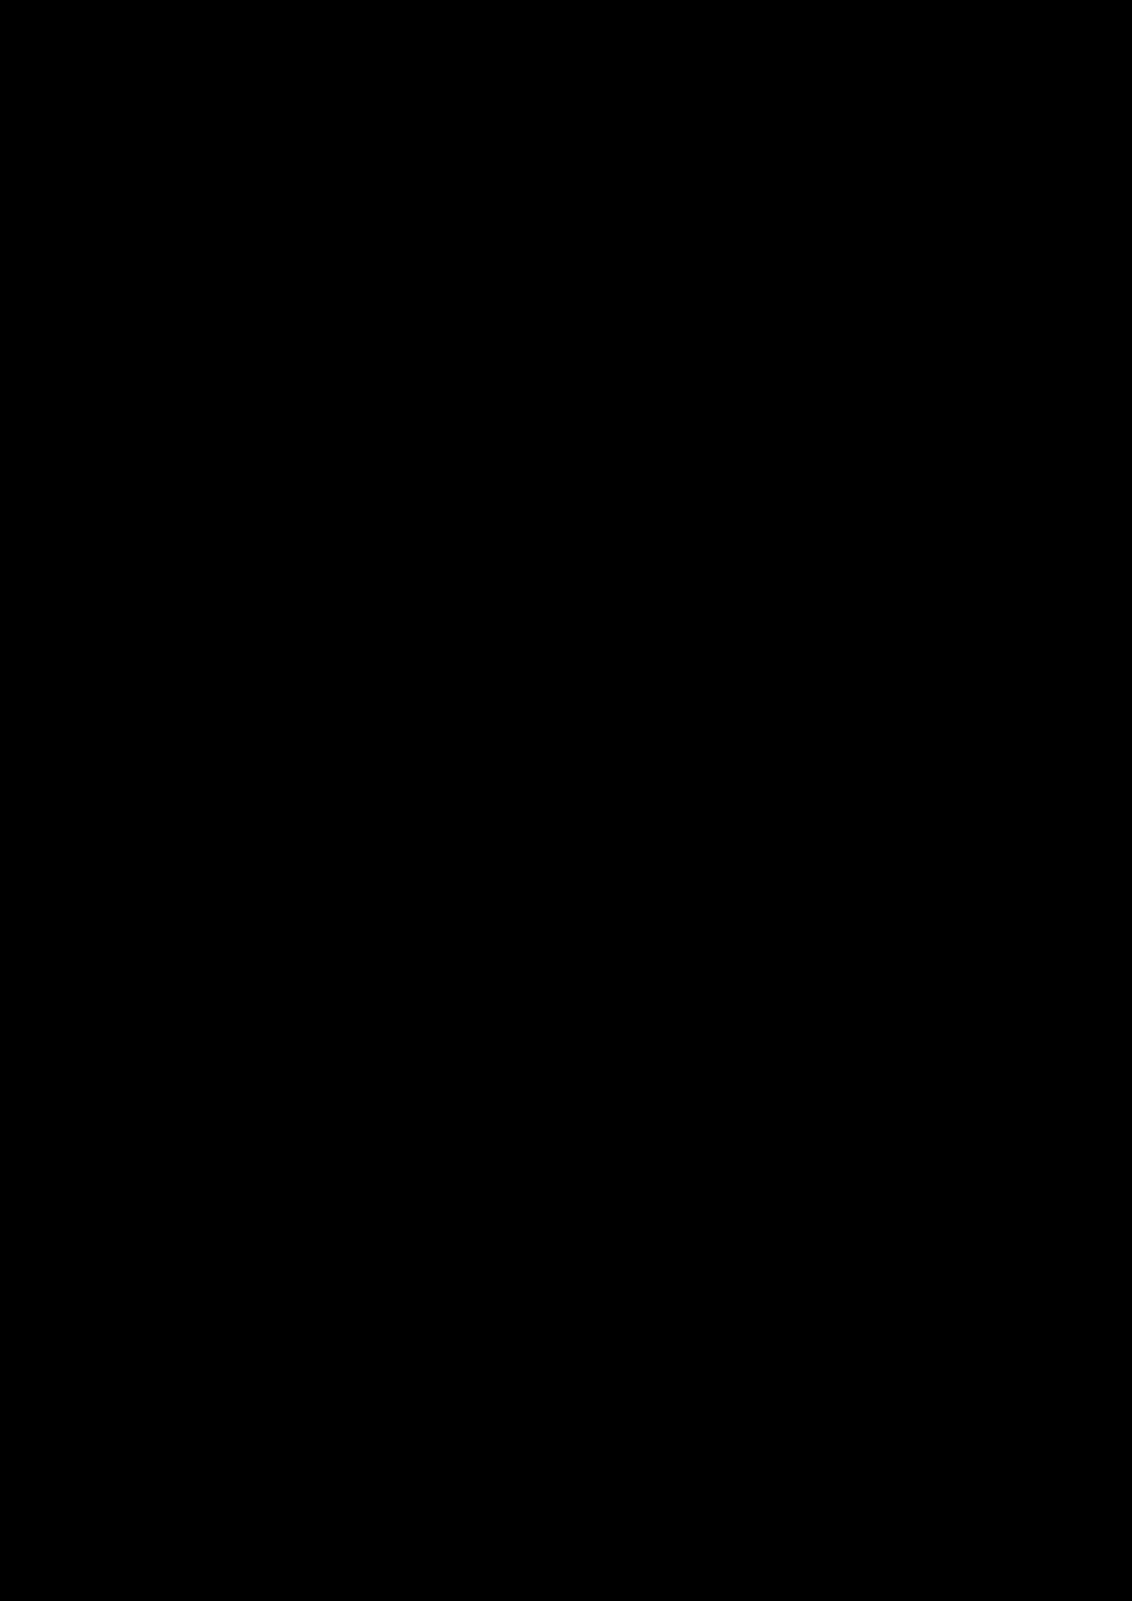 Proschanie s volshebnoy stranoy slide, Image 99